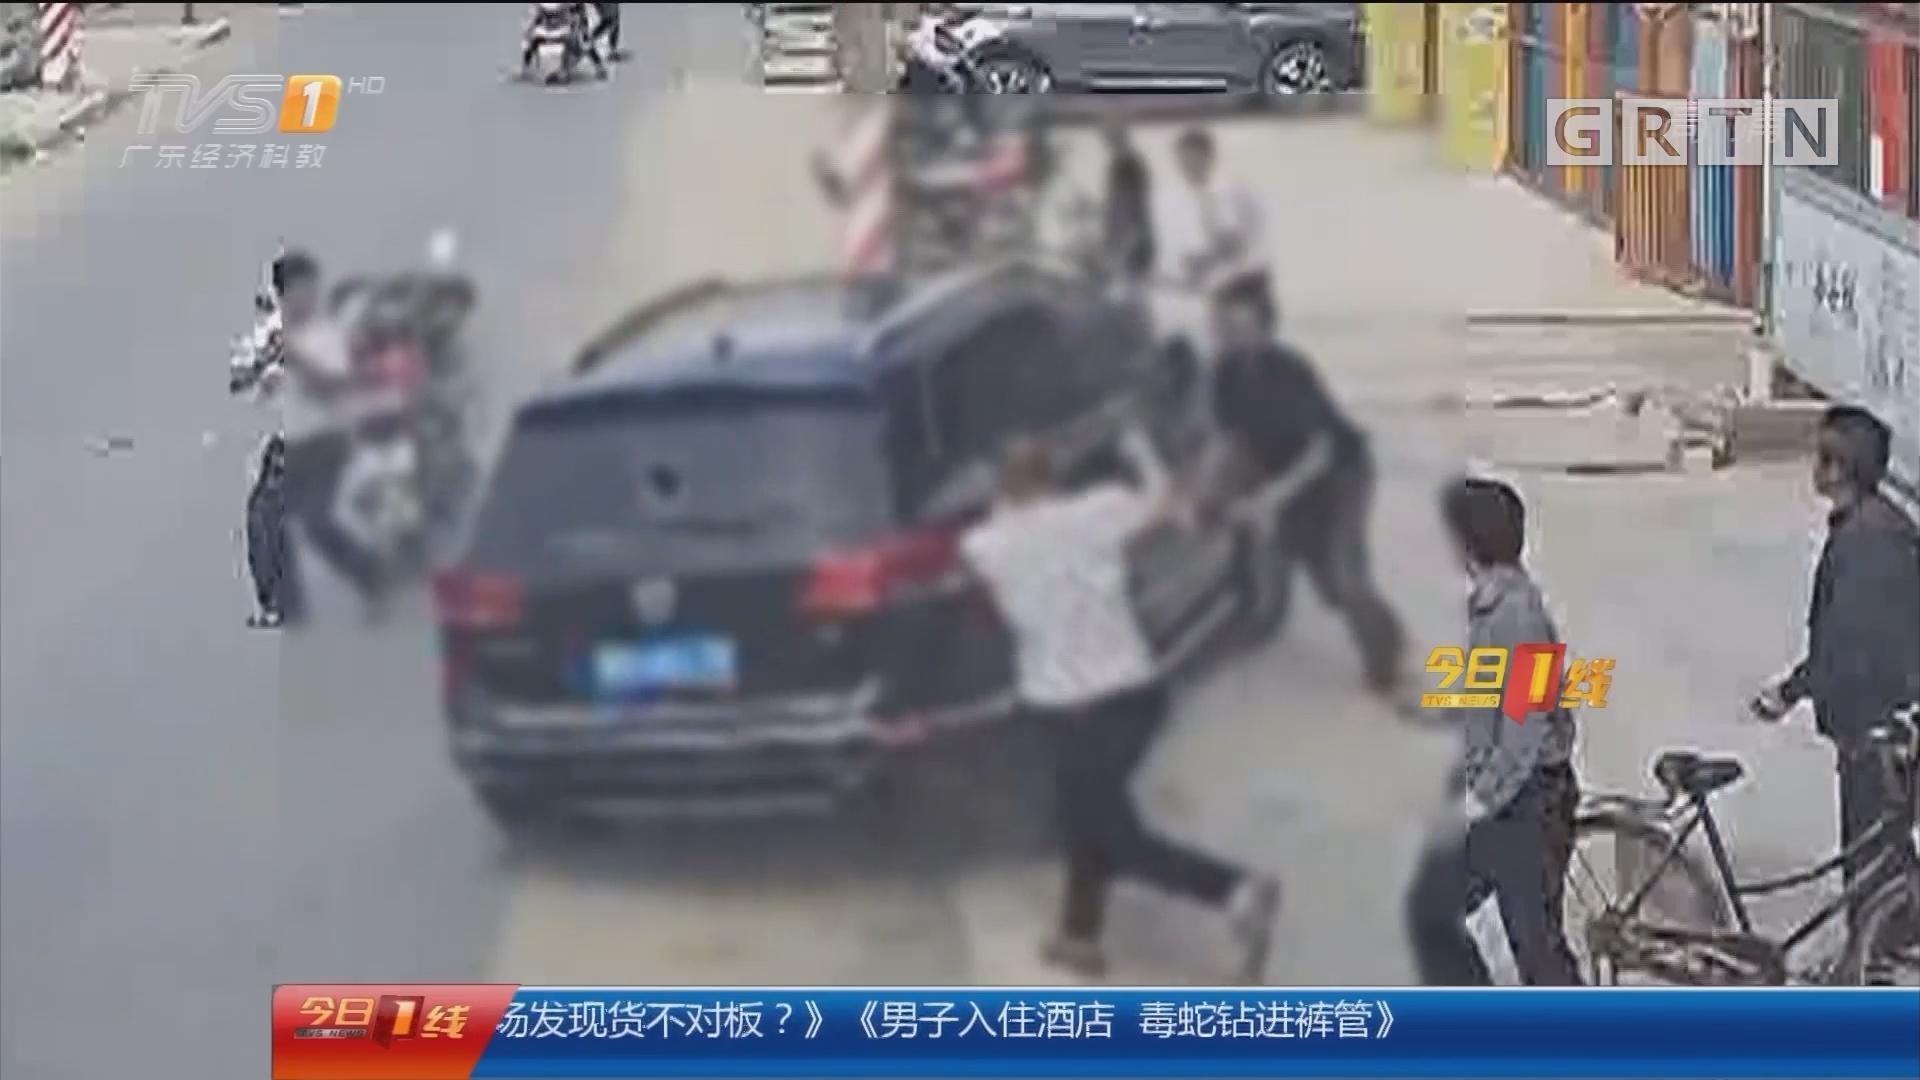 汕头警方通报驾车撞人案:驾车撞人致一死 肇事者归案